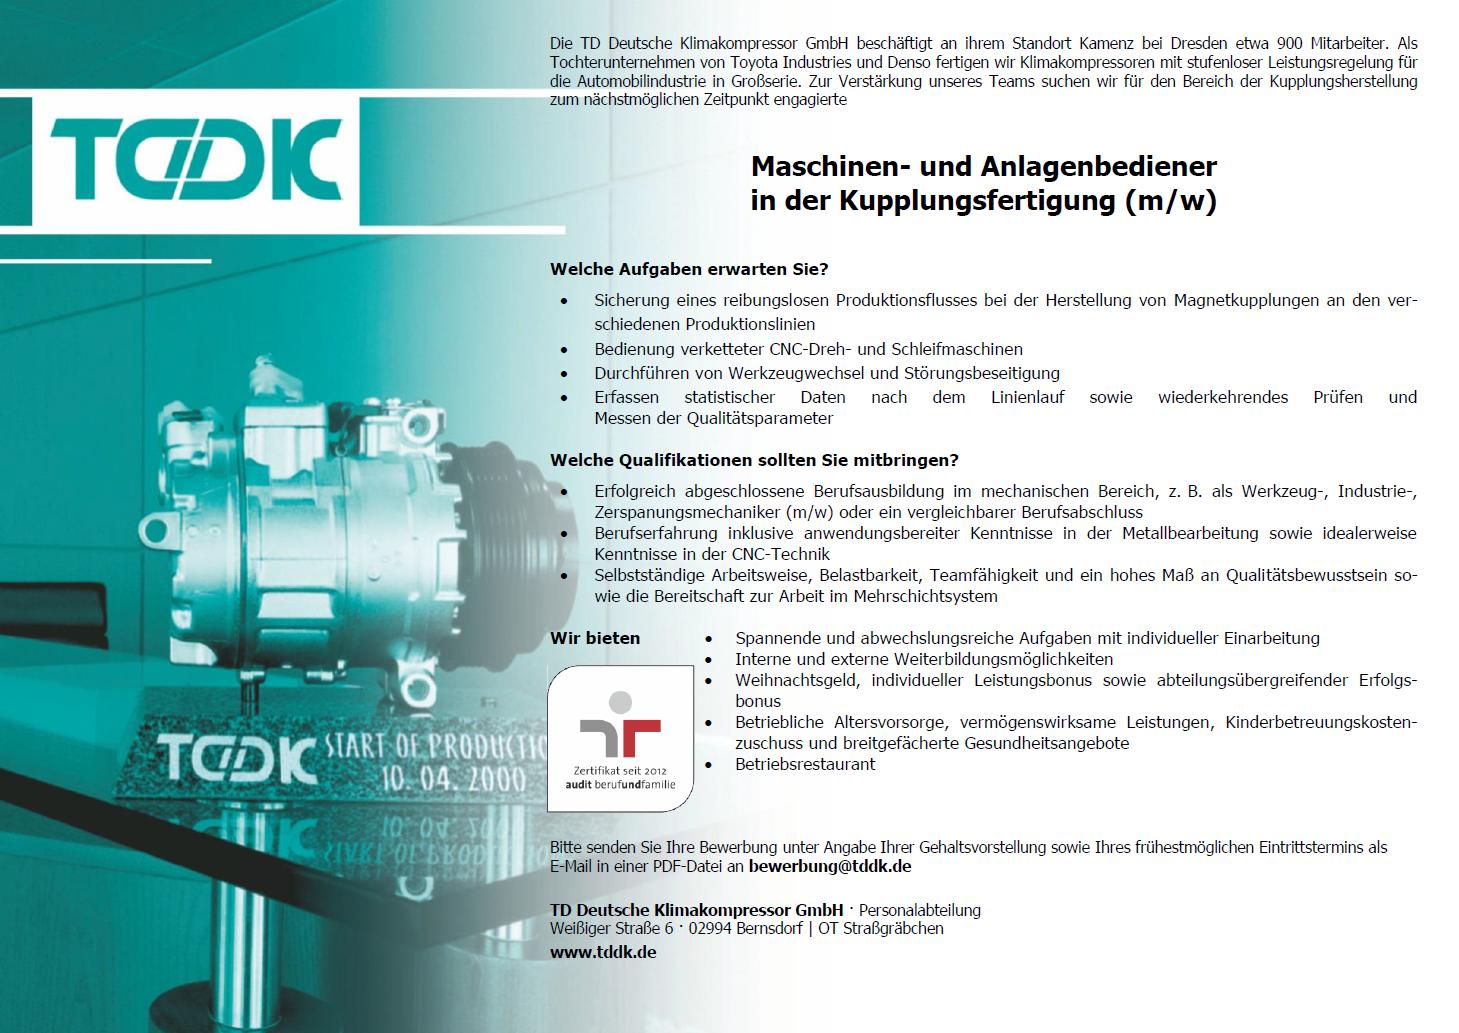 TDDK - Stellenangebot - Maschinen- und Anlagenbediener/in in der Kupplungsfertigung